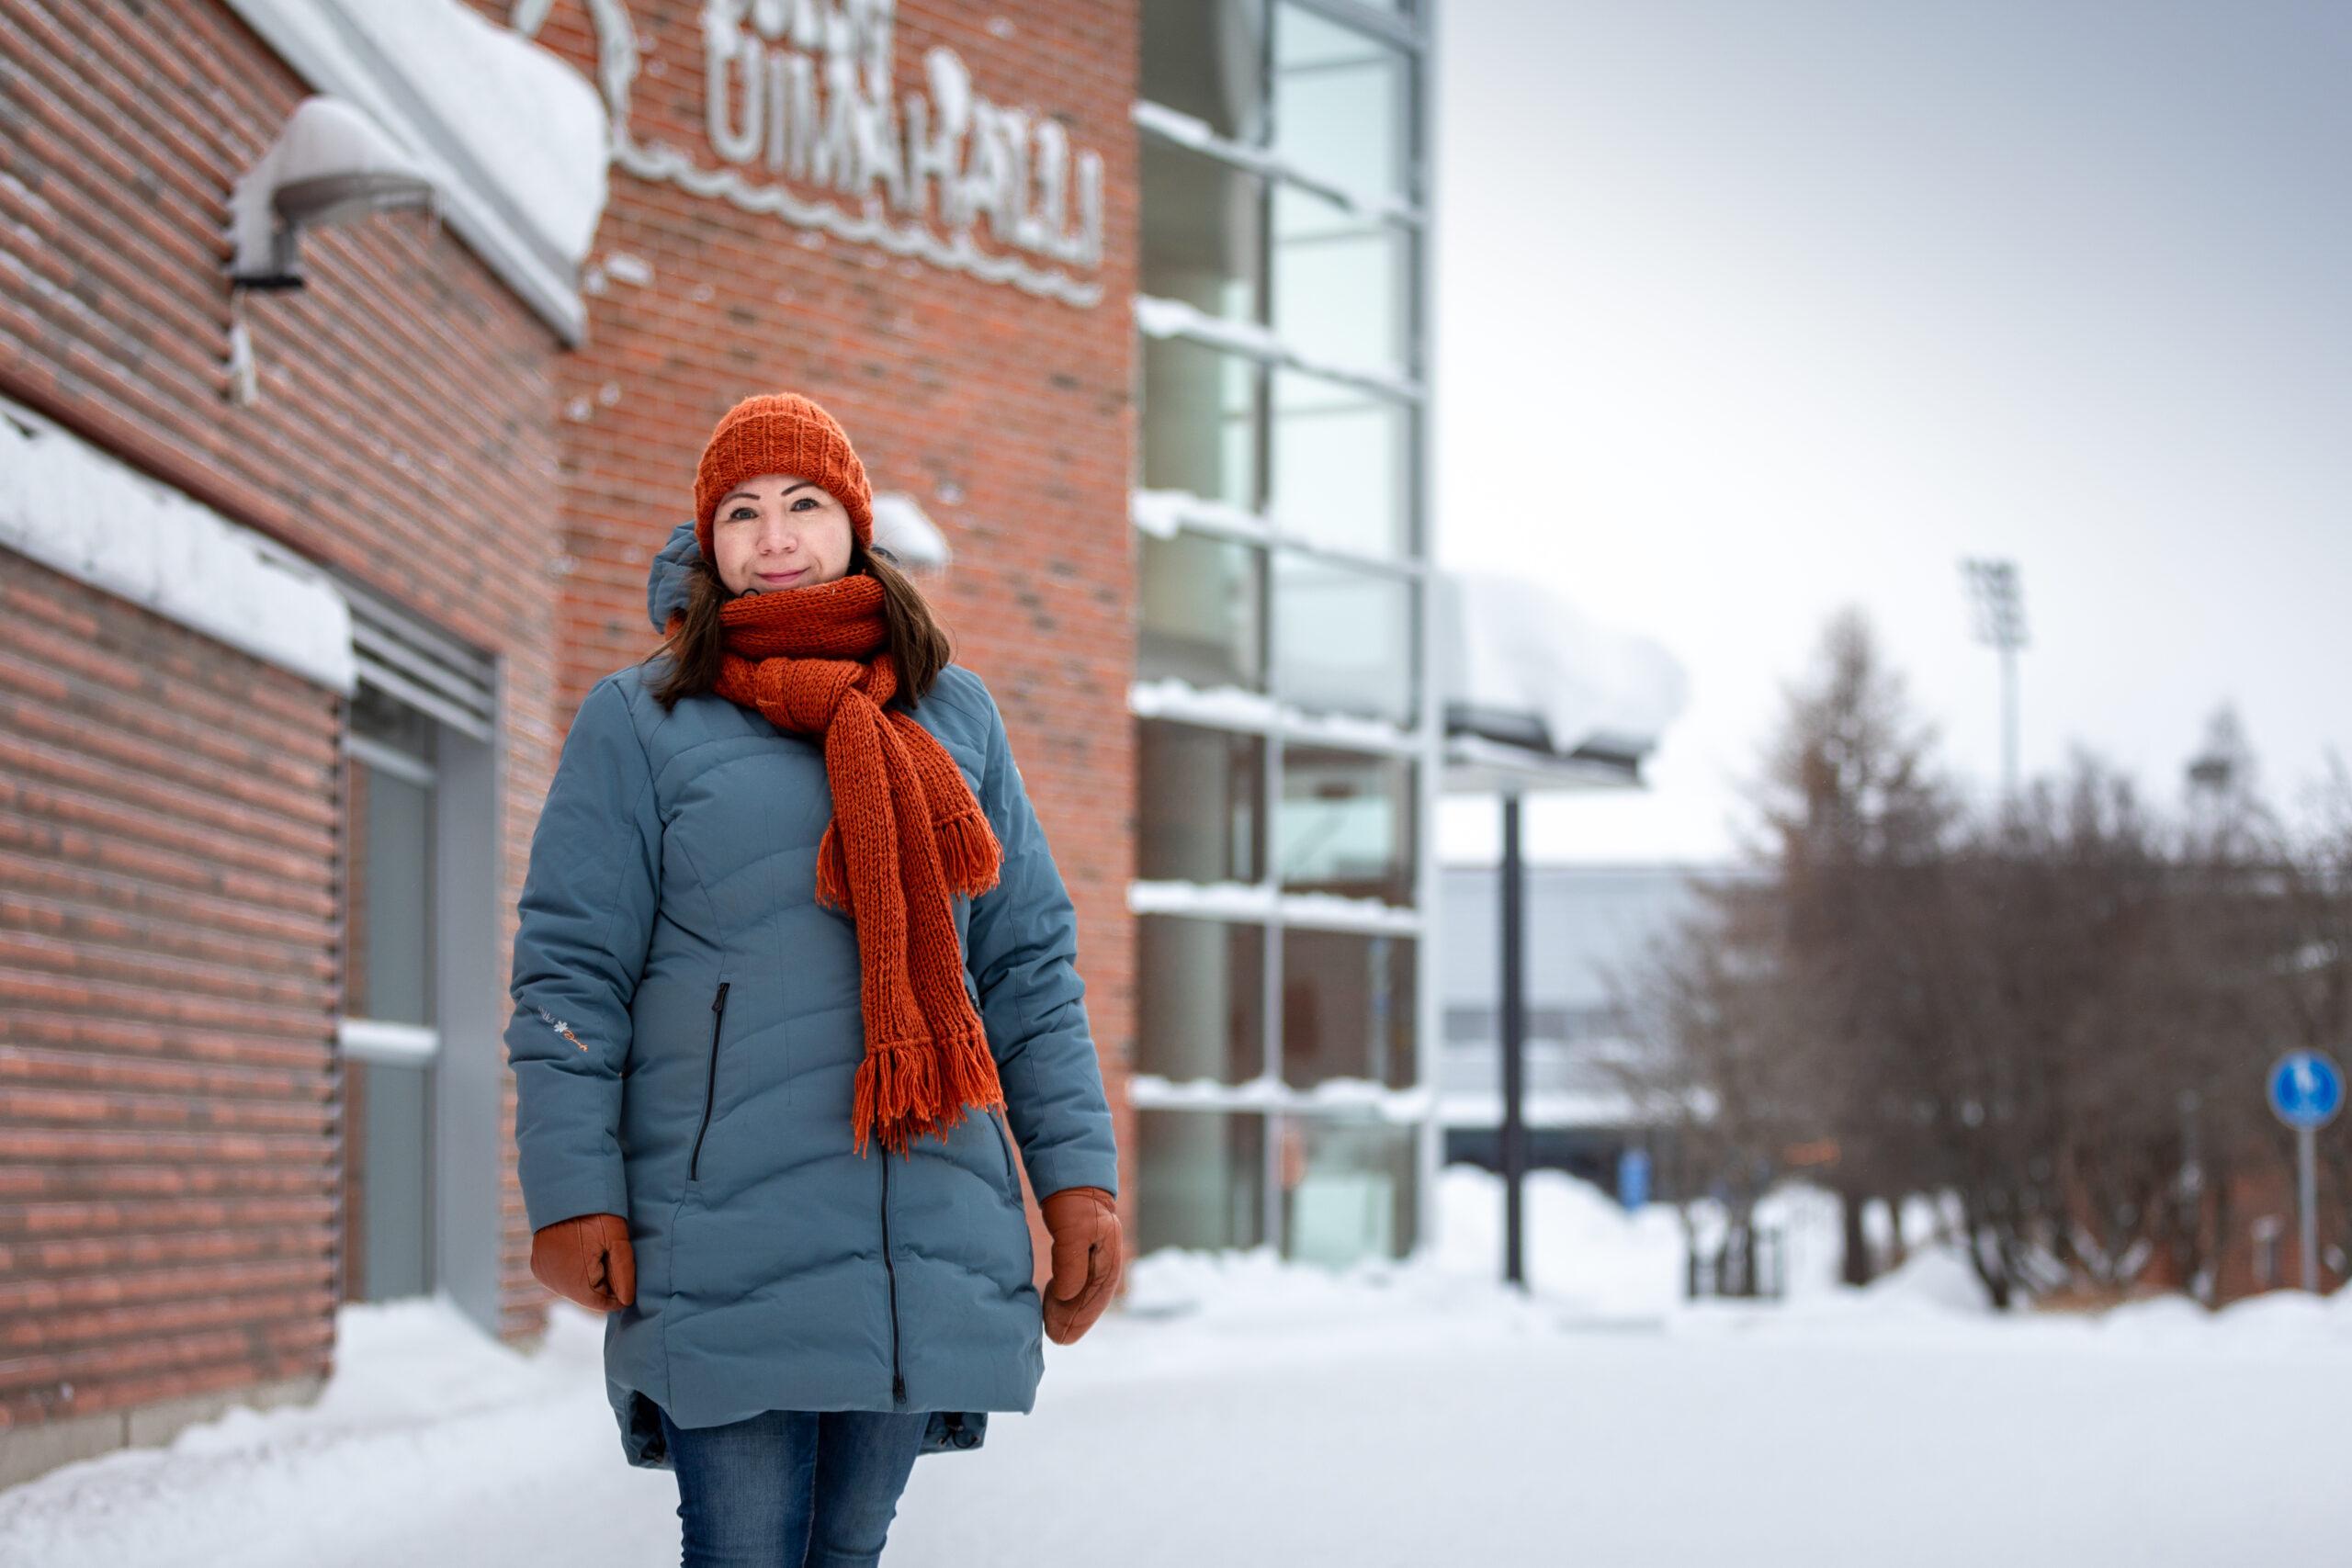 Kuvassa nainen seisoo punatiilisen rakennuksen edessä talvivaatteissa, maassa on lunta.